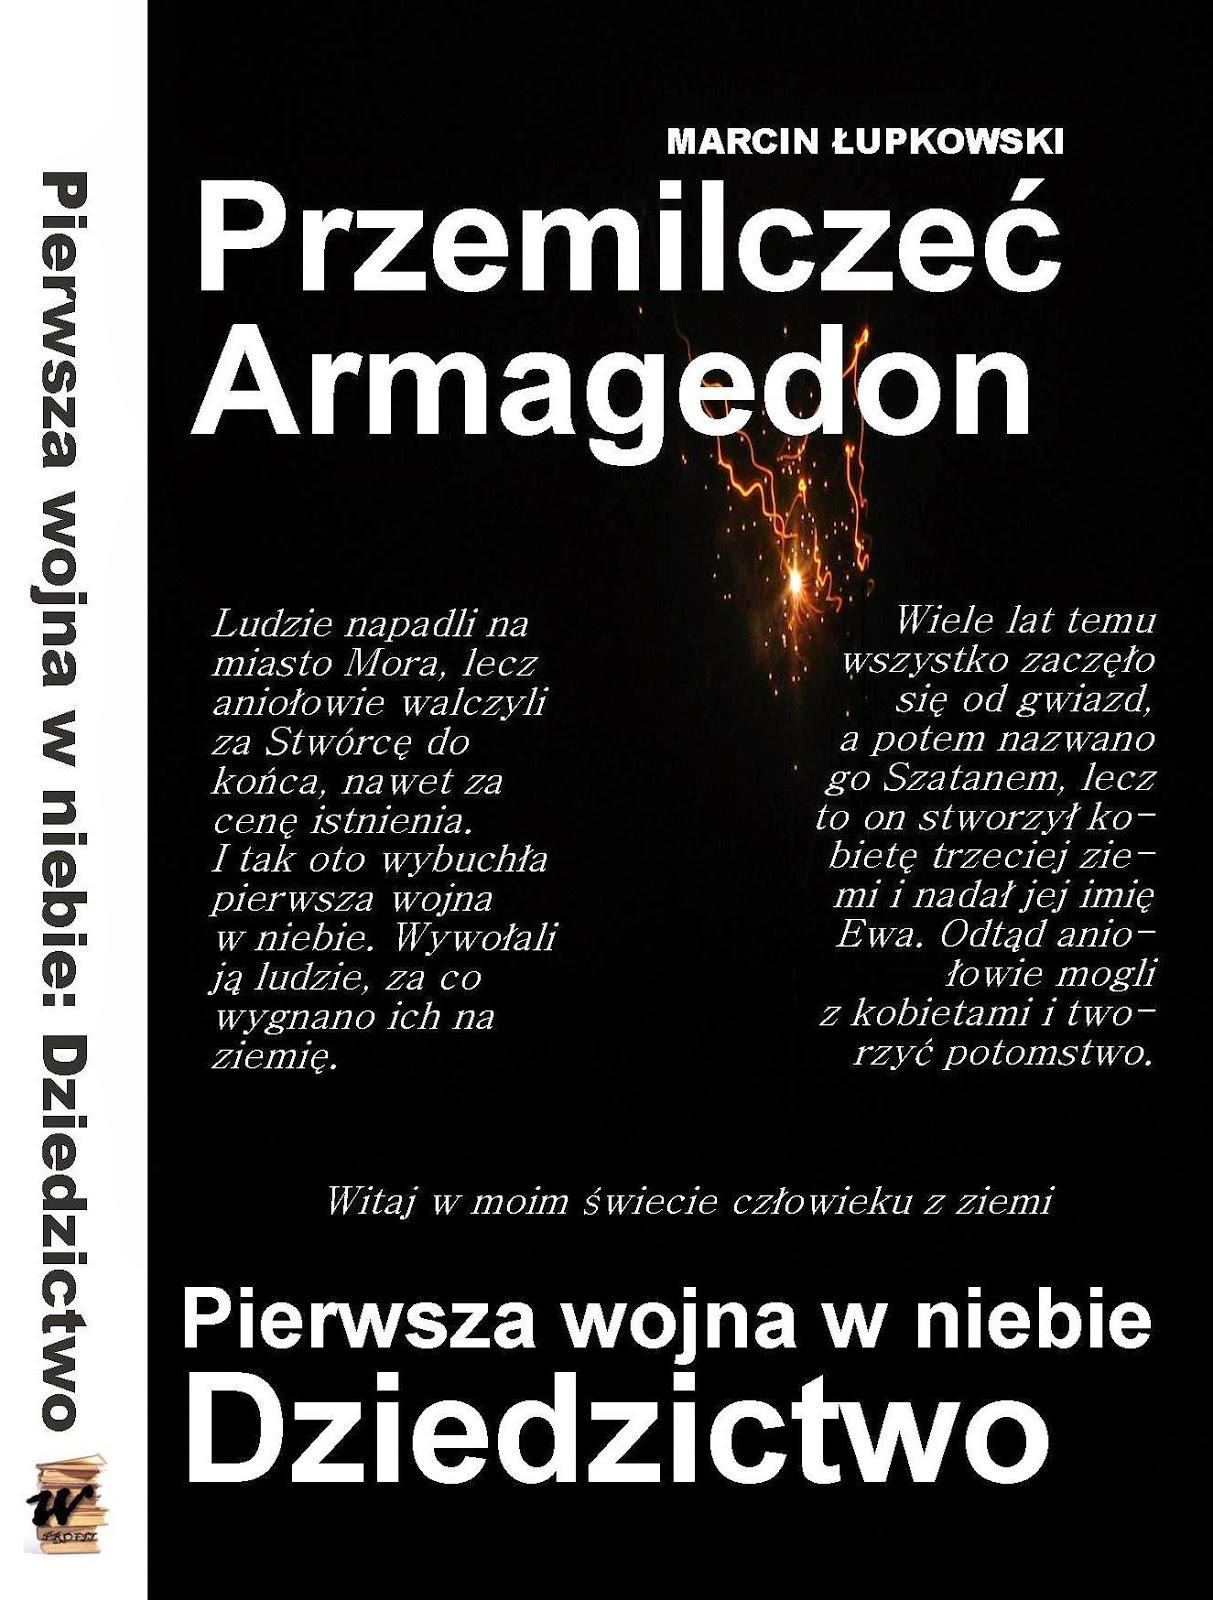 http://przemilczec-armagedon.pl/o-ksiazce